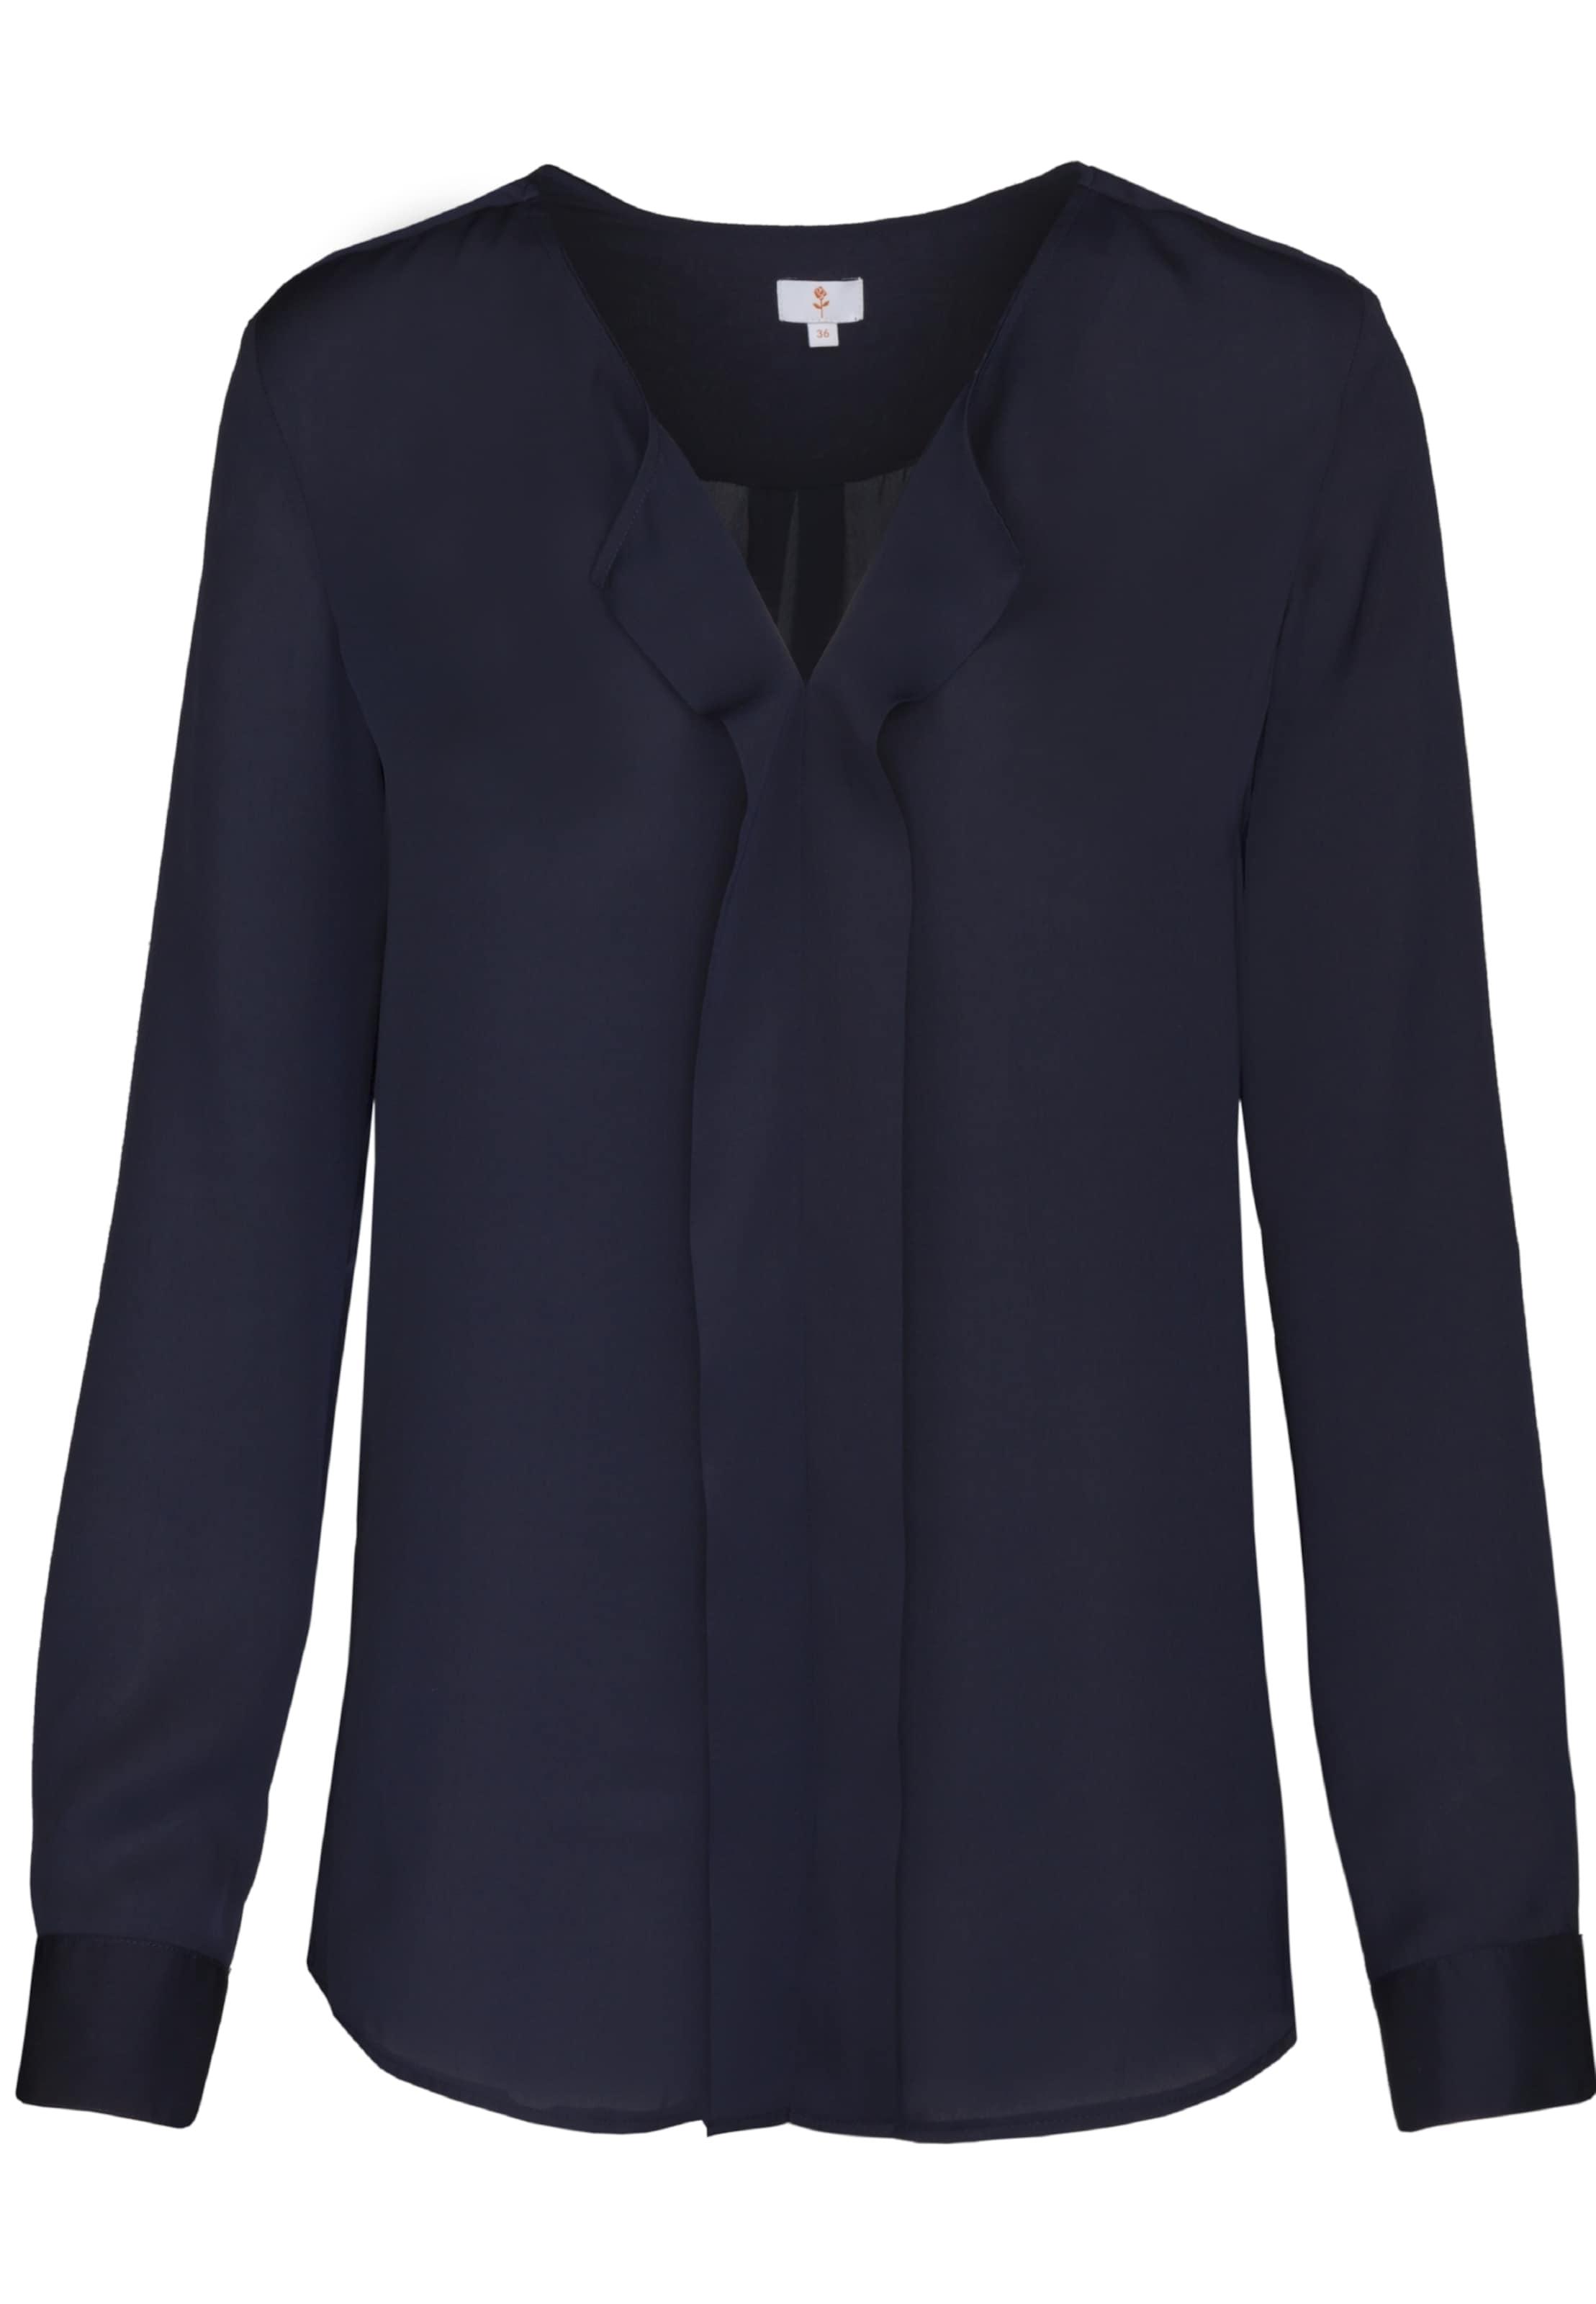 Fashion Seidensticker bluse 'schwarze In Rose' Navy vm80Nnw